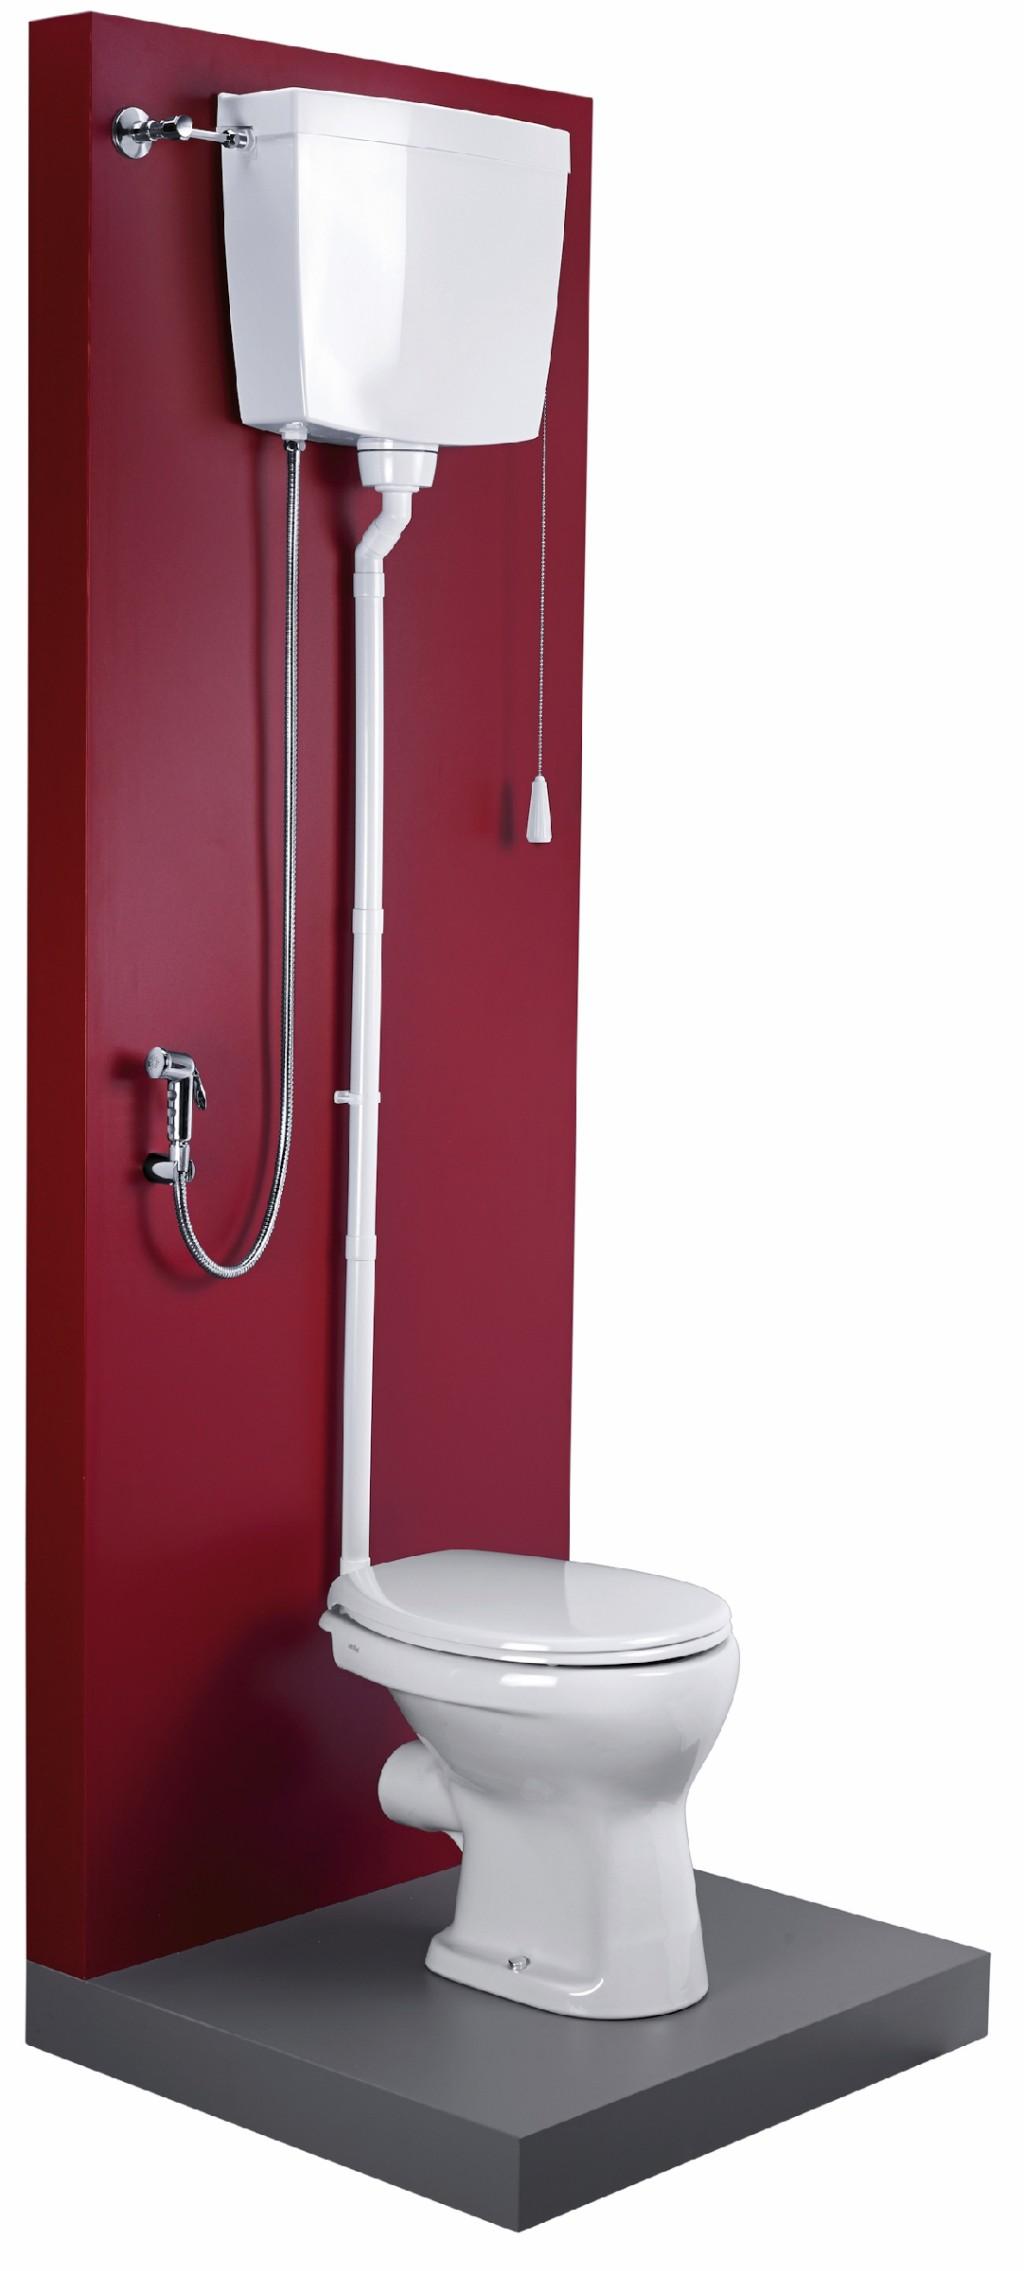 Musterinstallation einer fachgerecht abgesicherten Hygienedusche an einen hochhängenden Spülkasten. Bild: Schell, Olpe